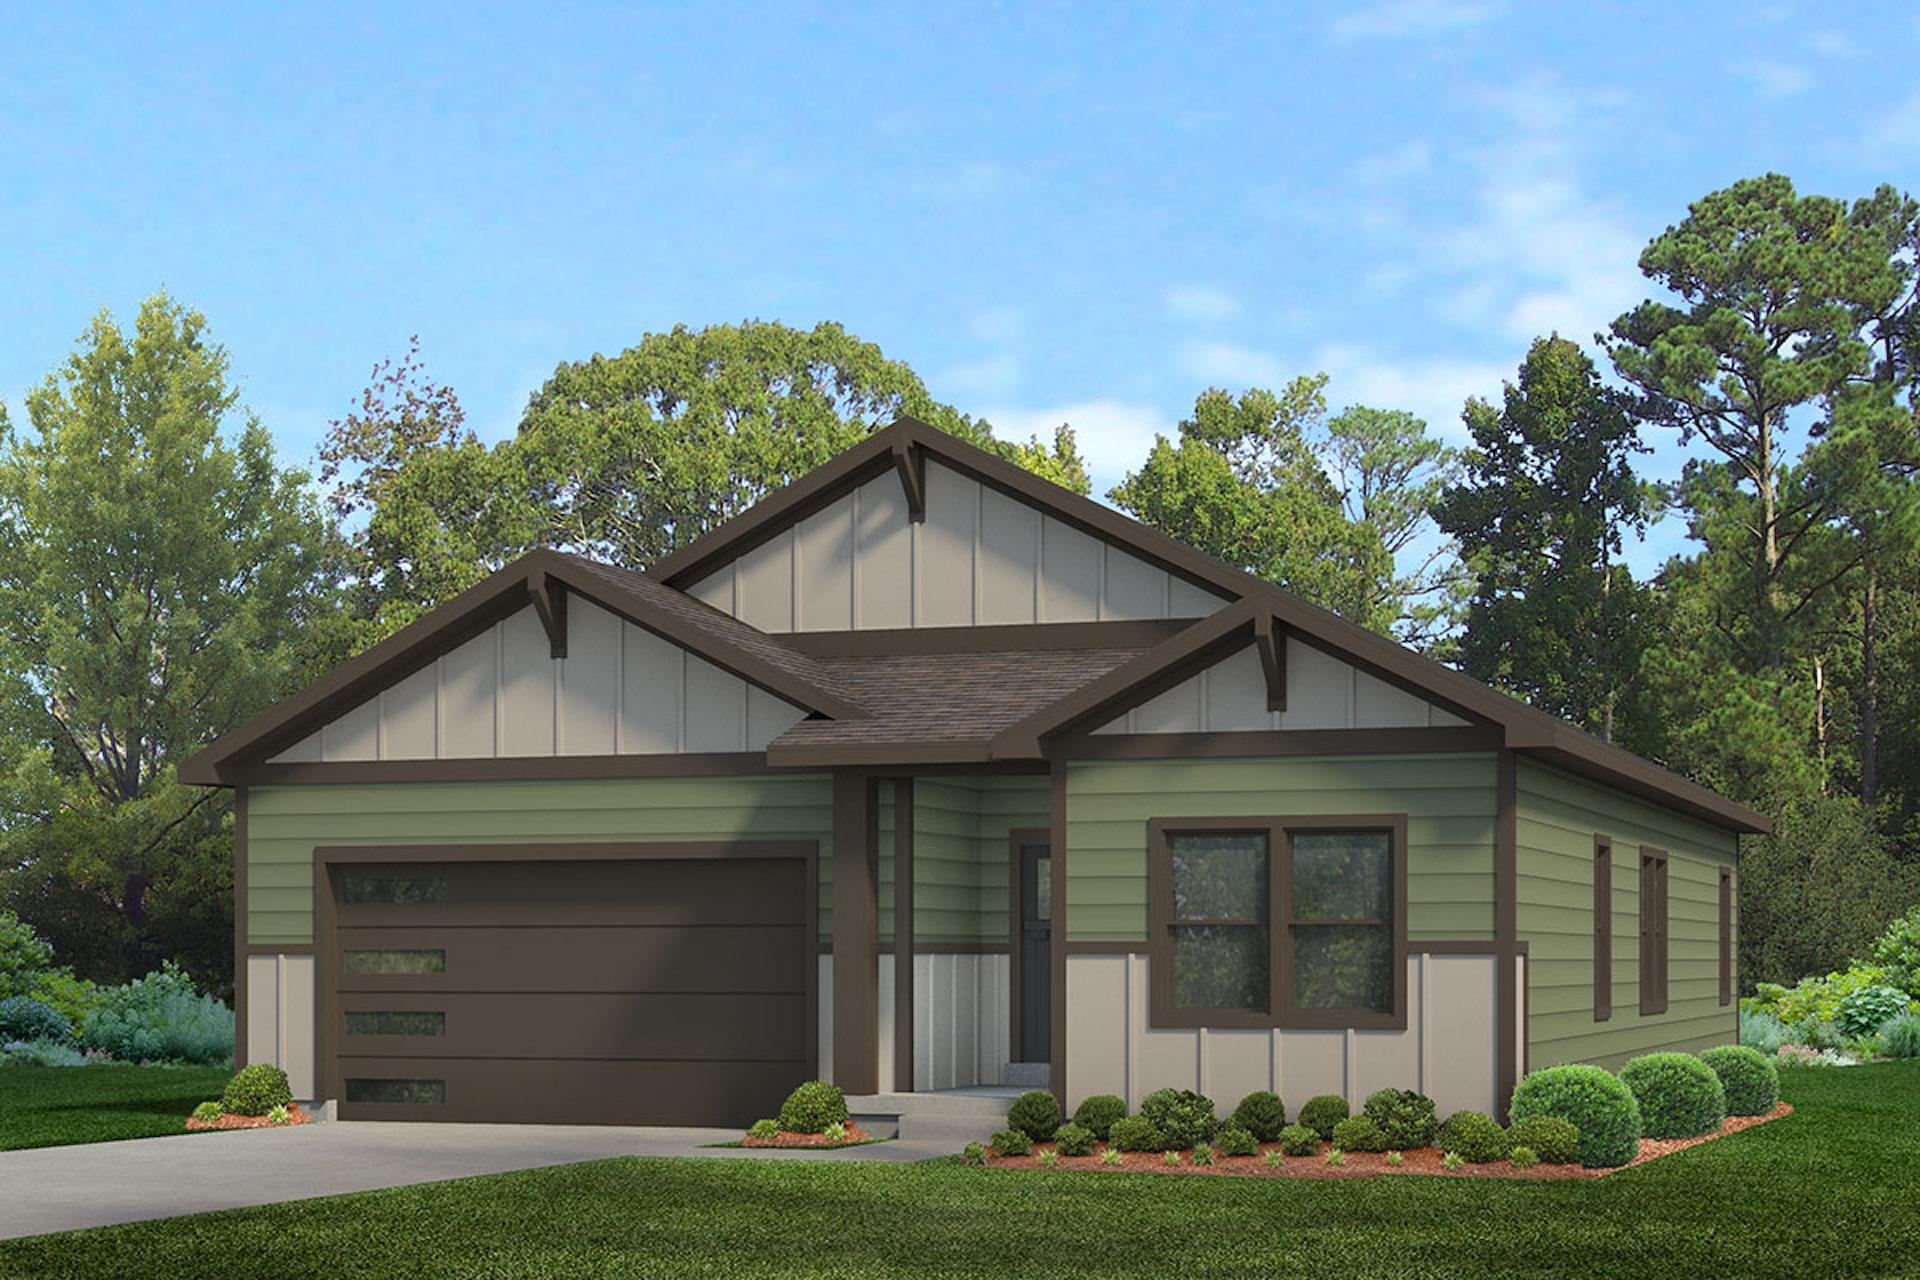 Rosebud new home in Park City, UT